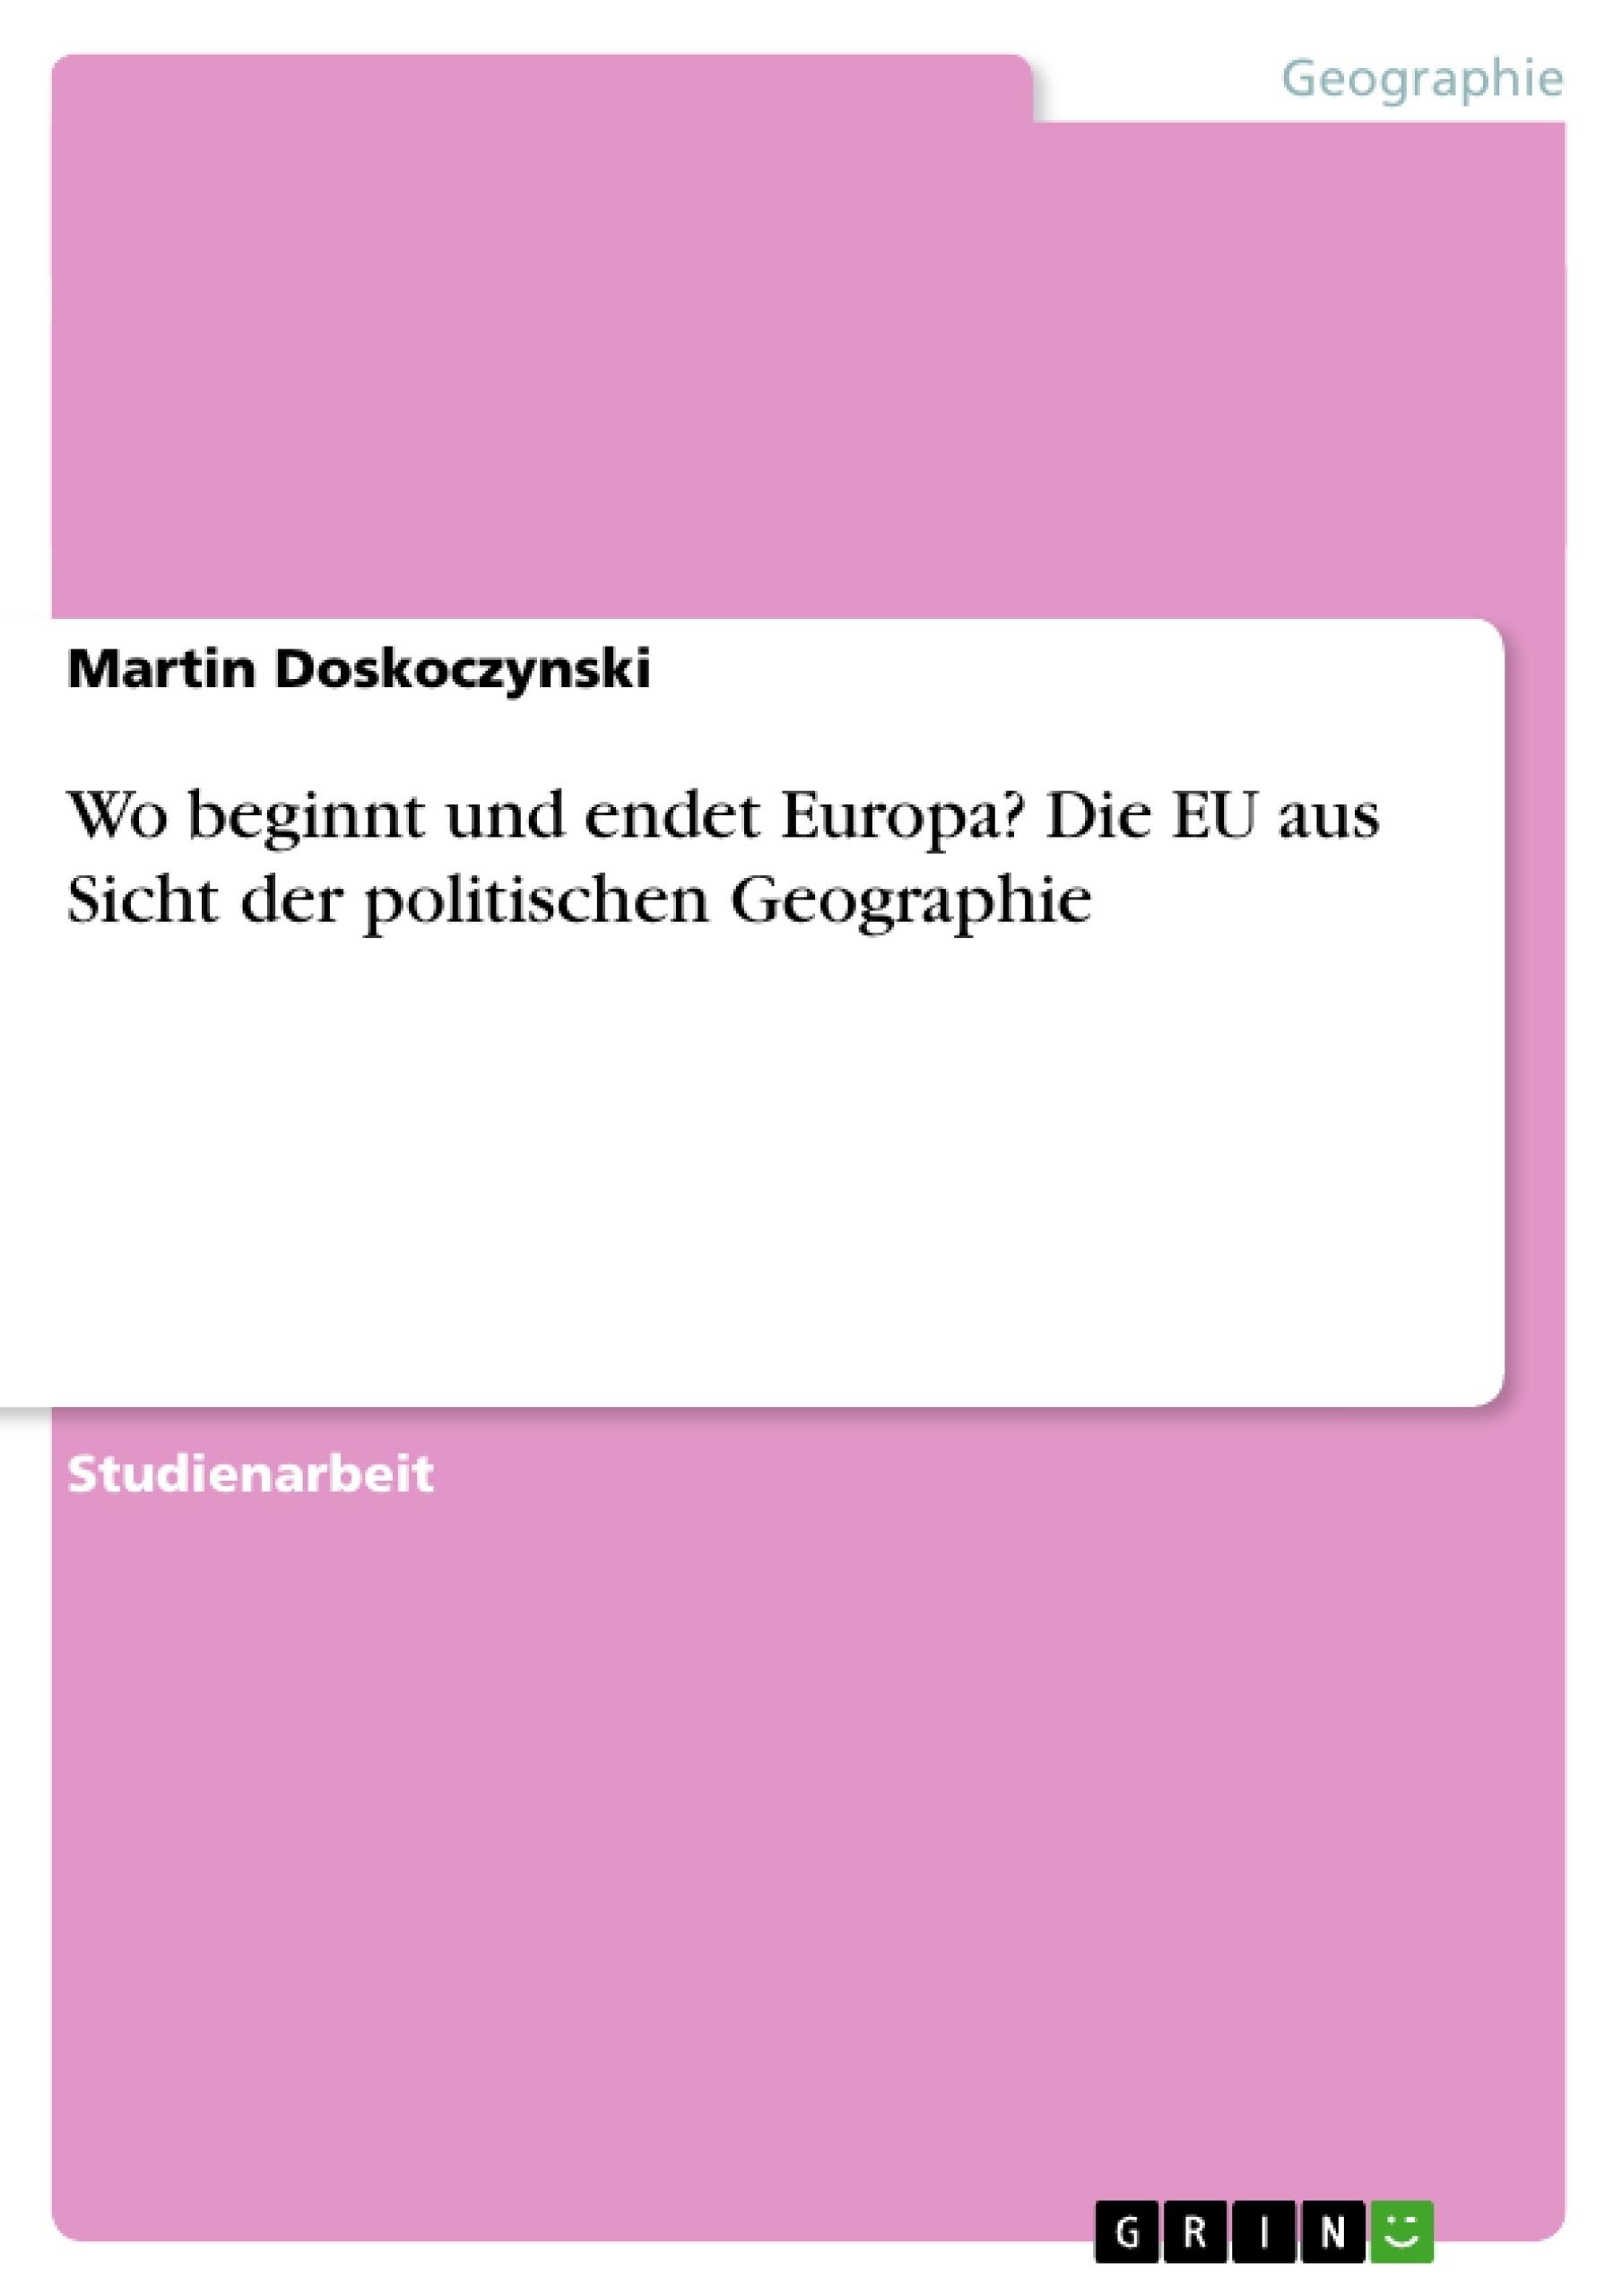 Titel: Wo beginnt und endet Europa? Die EU aus Sicht der politischen Geographie